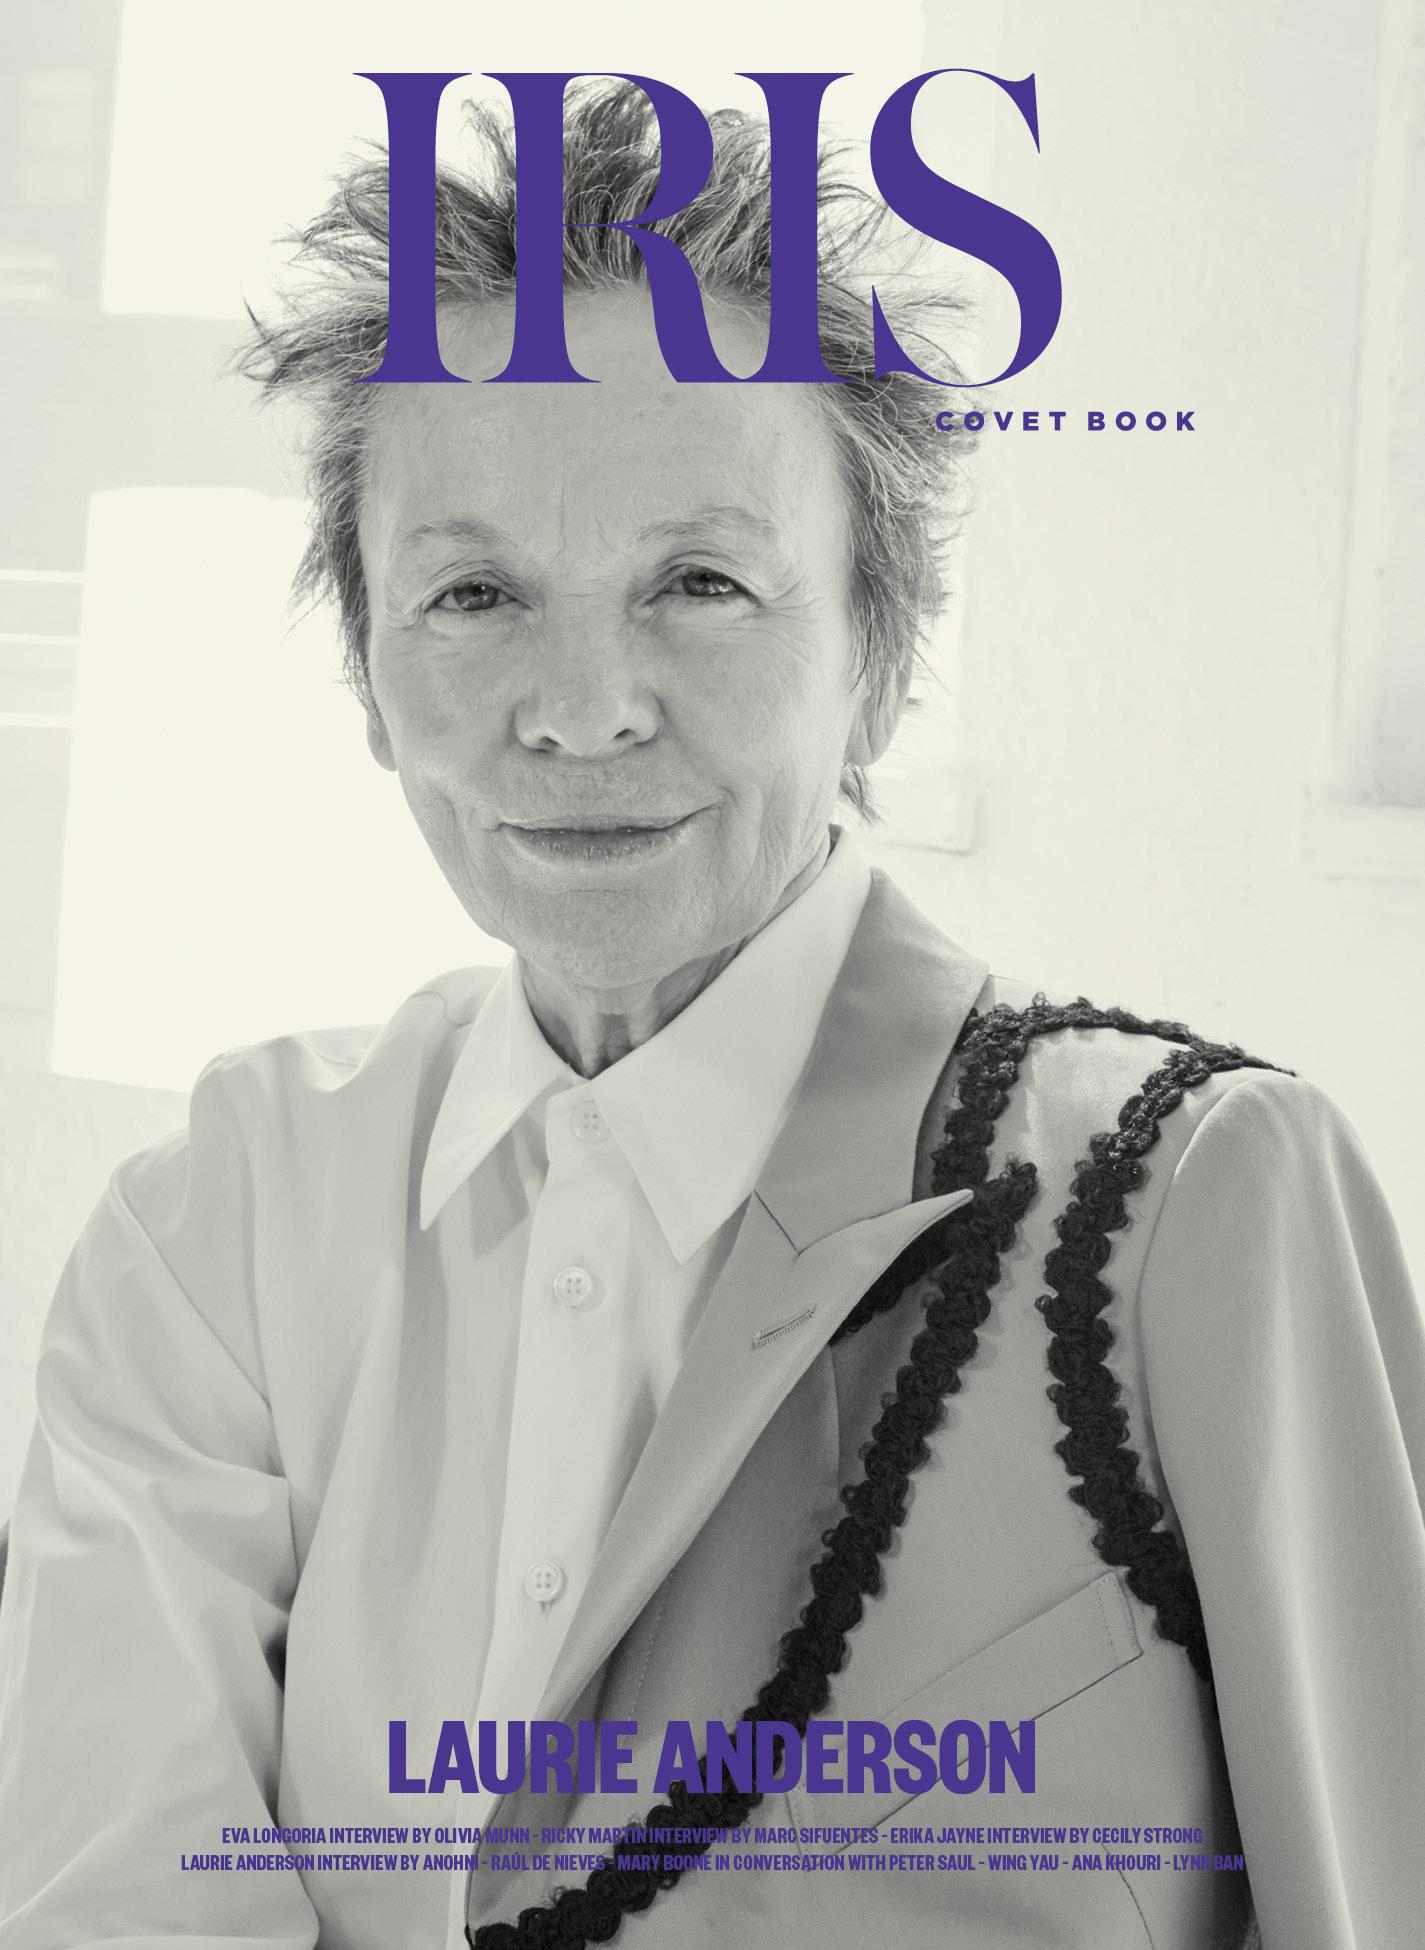 IRIS11_COVERS_LaurieAnderson.jpg